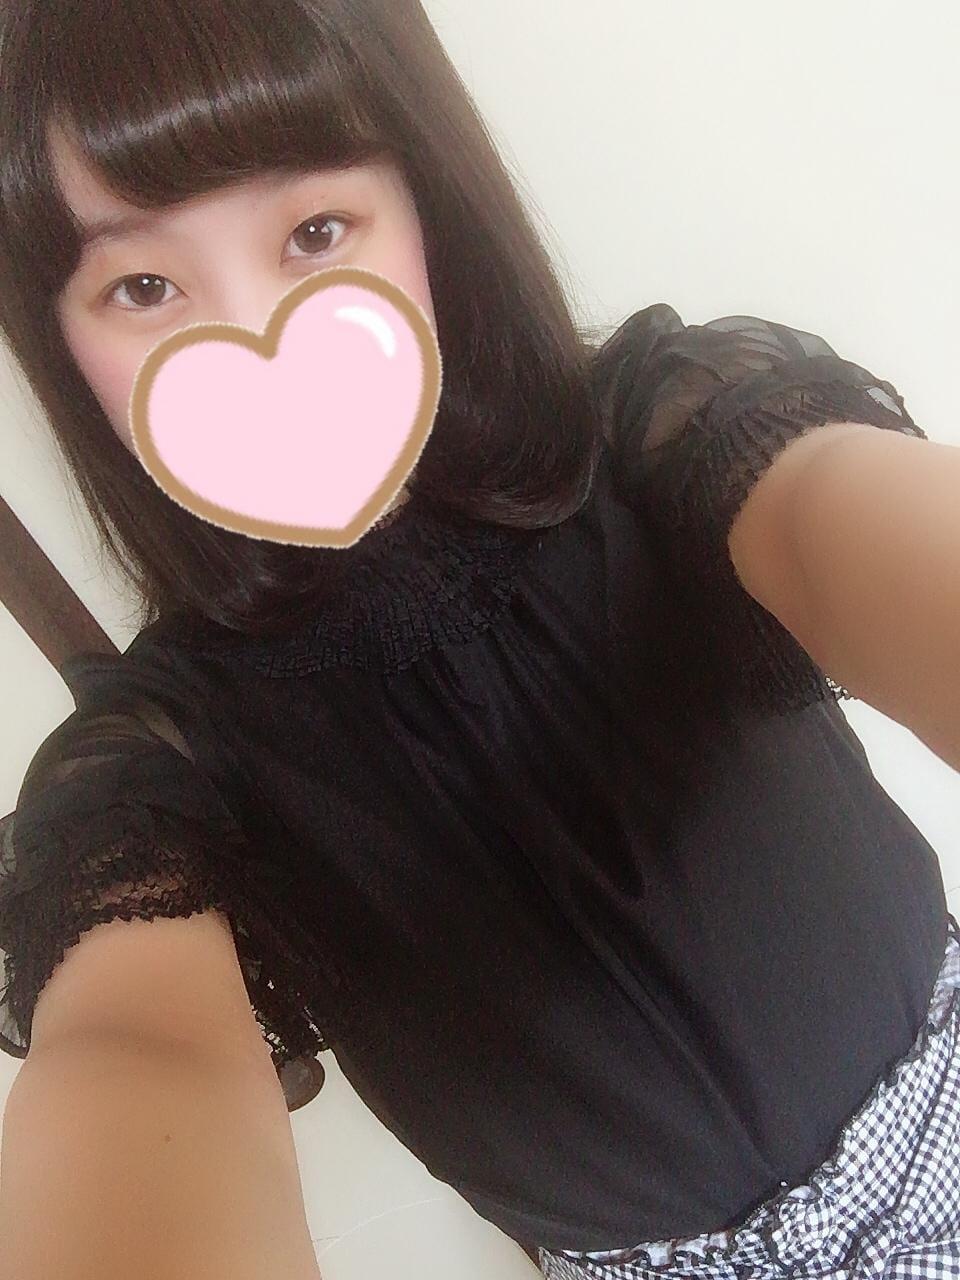 「♡♡♡」07/16(07/16) 17:47 | ちはやふるの写メ・風俗動画